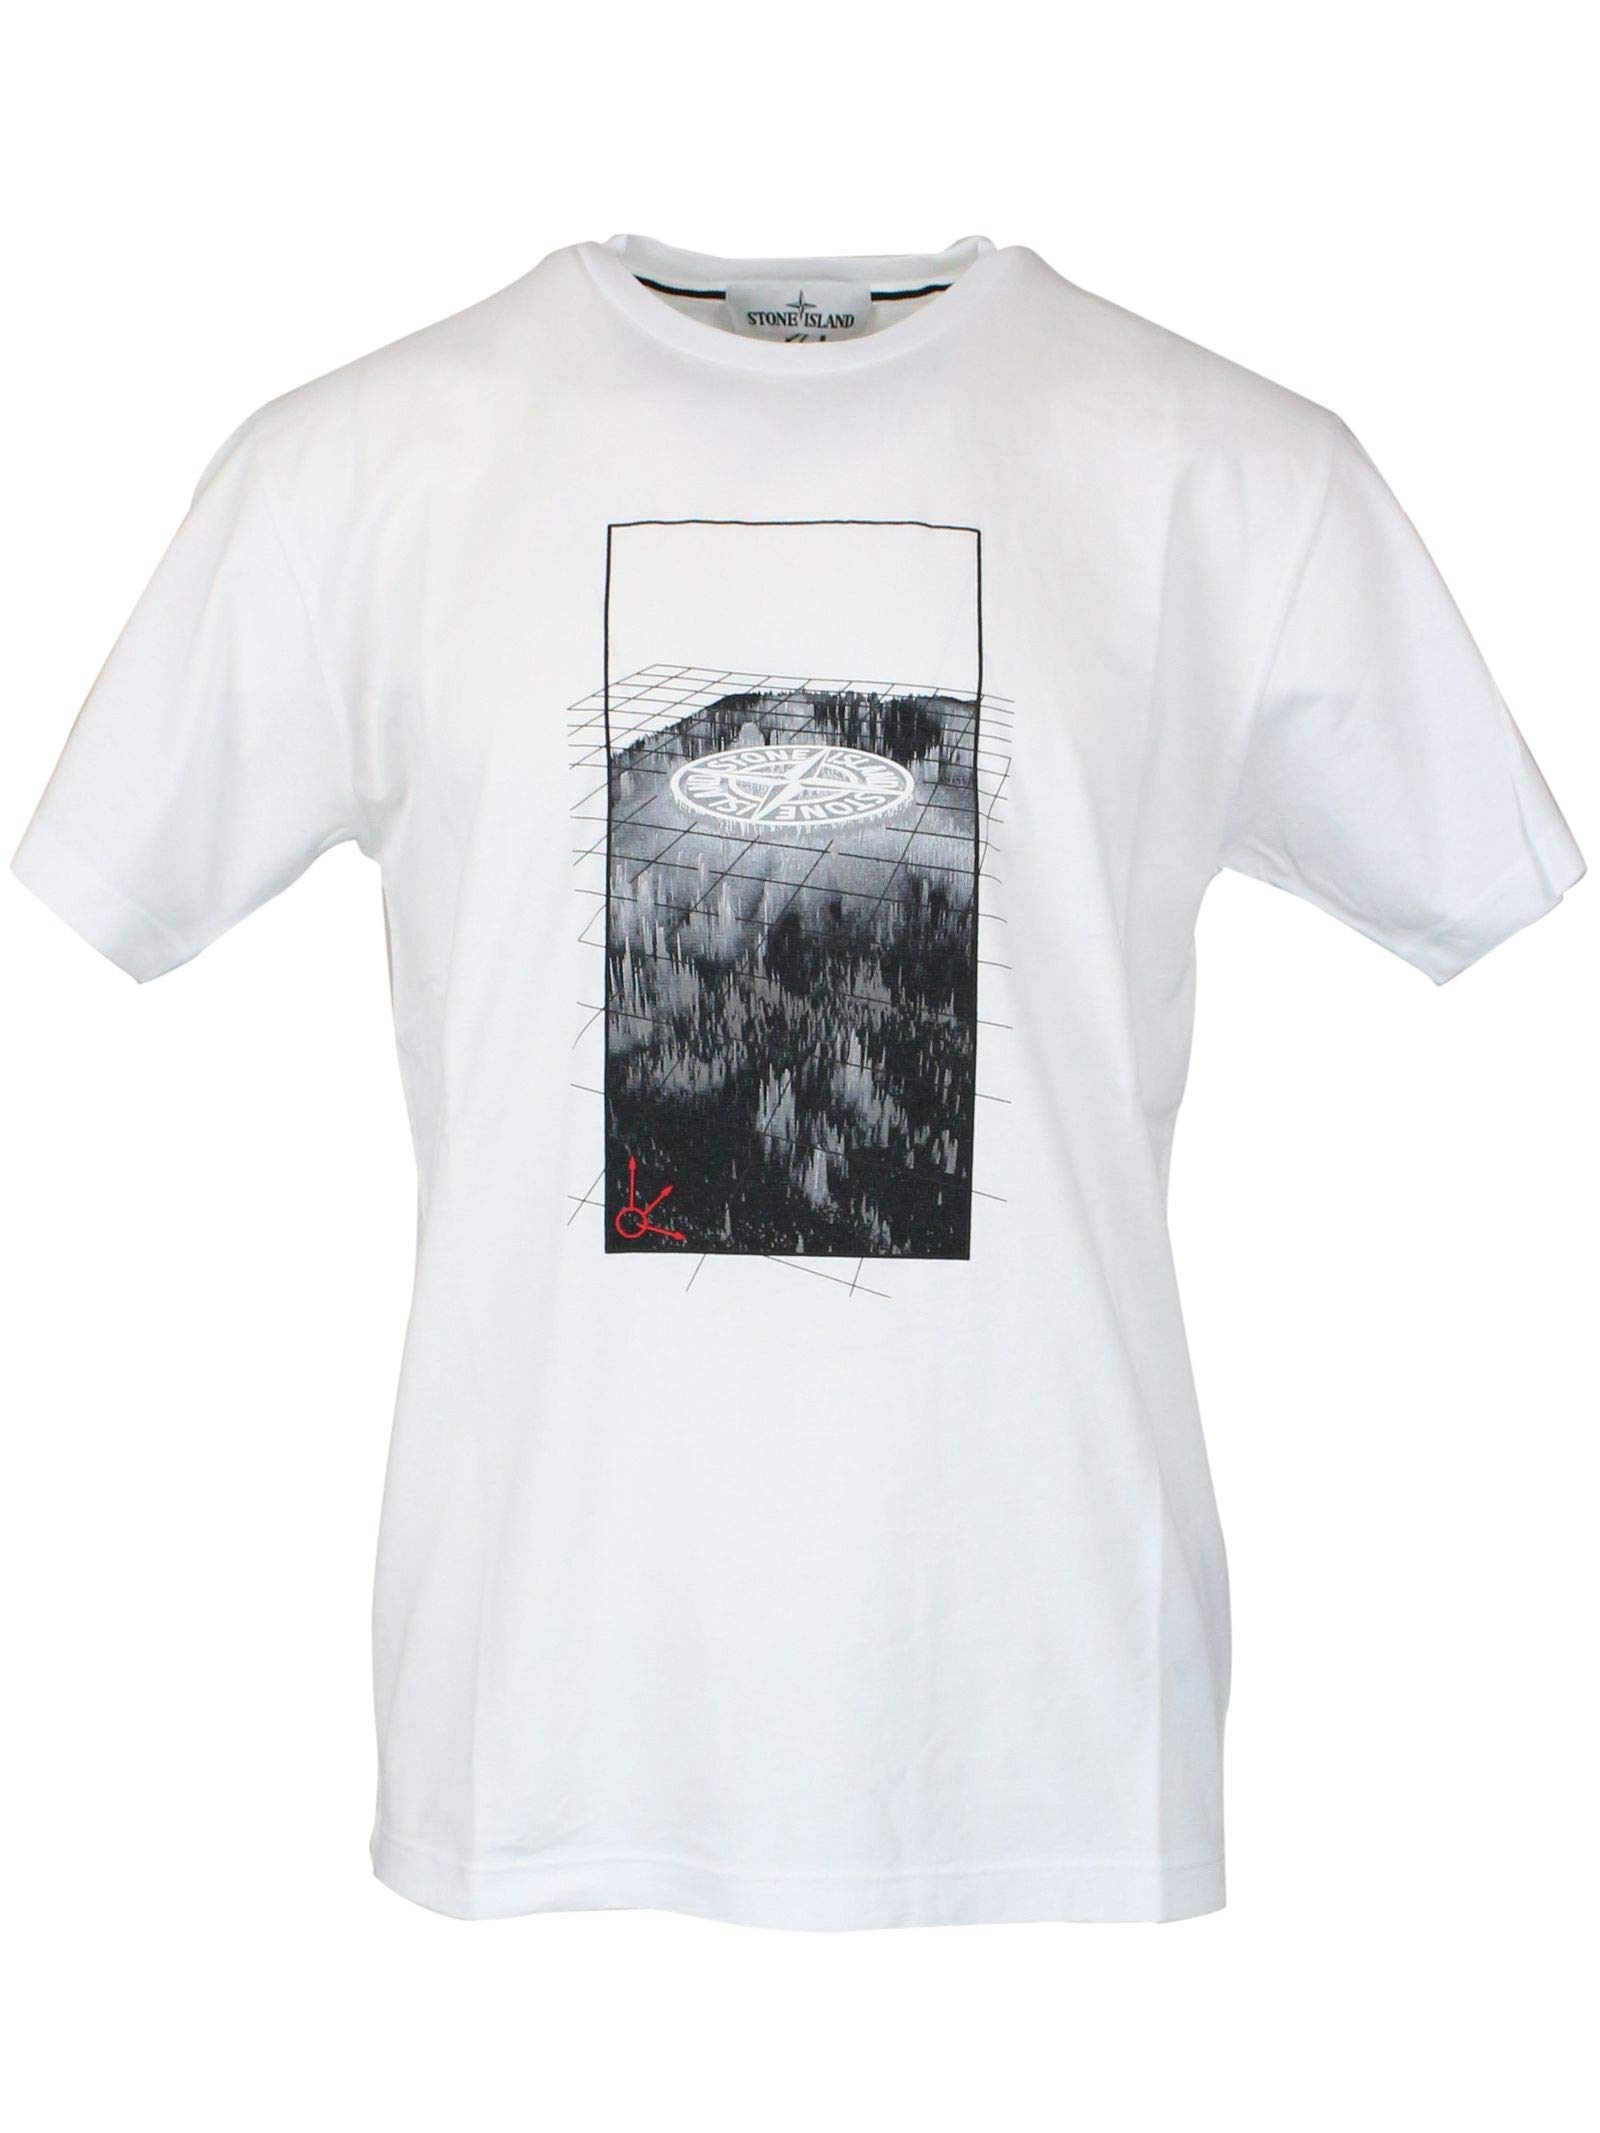 Stone Island Men's Mo70152ns85v0001 White Cotton T-Shirt